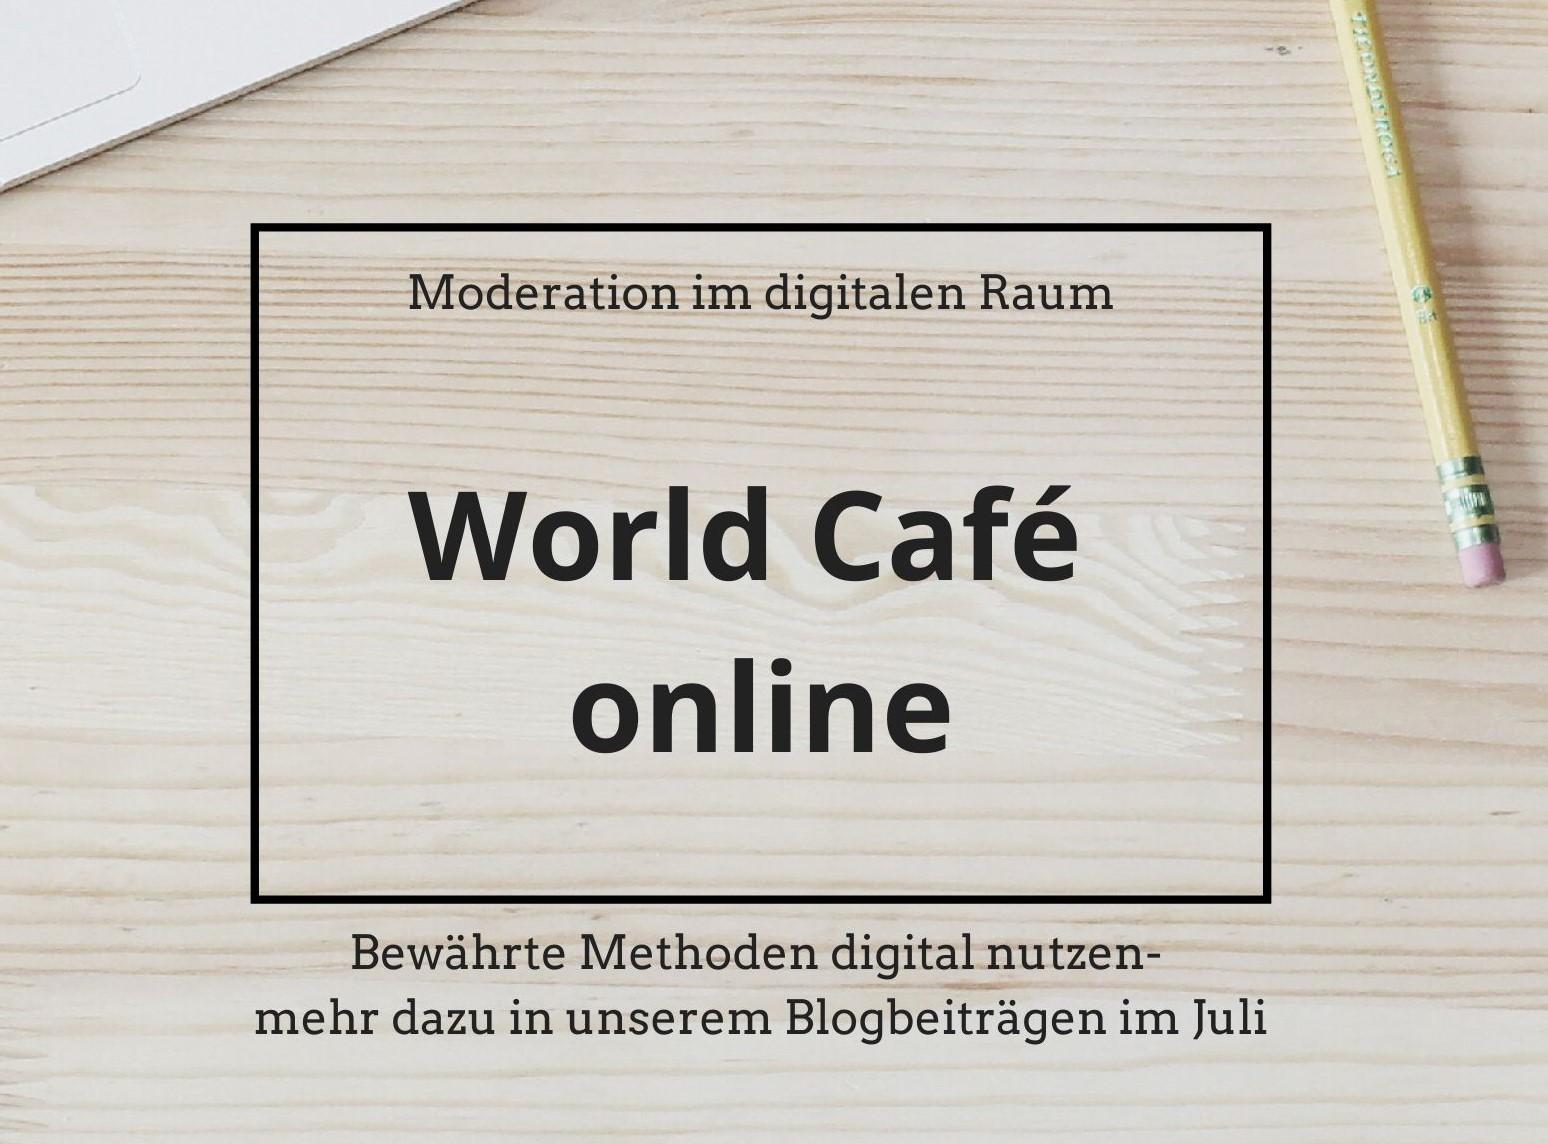 World Café online